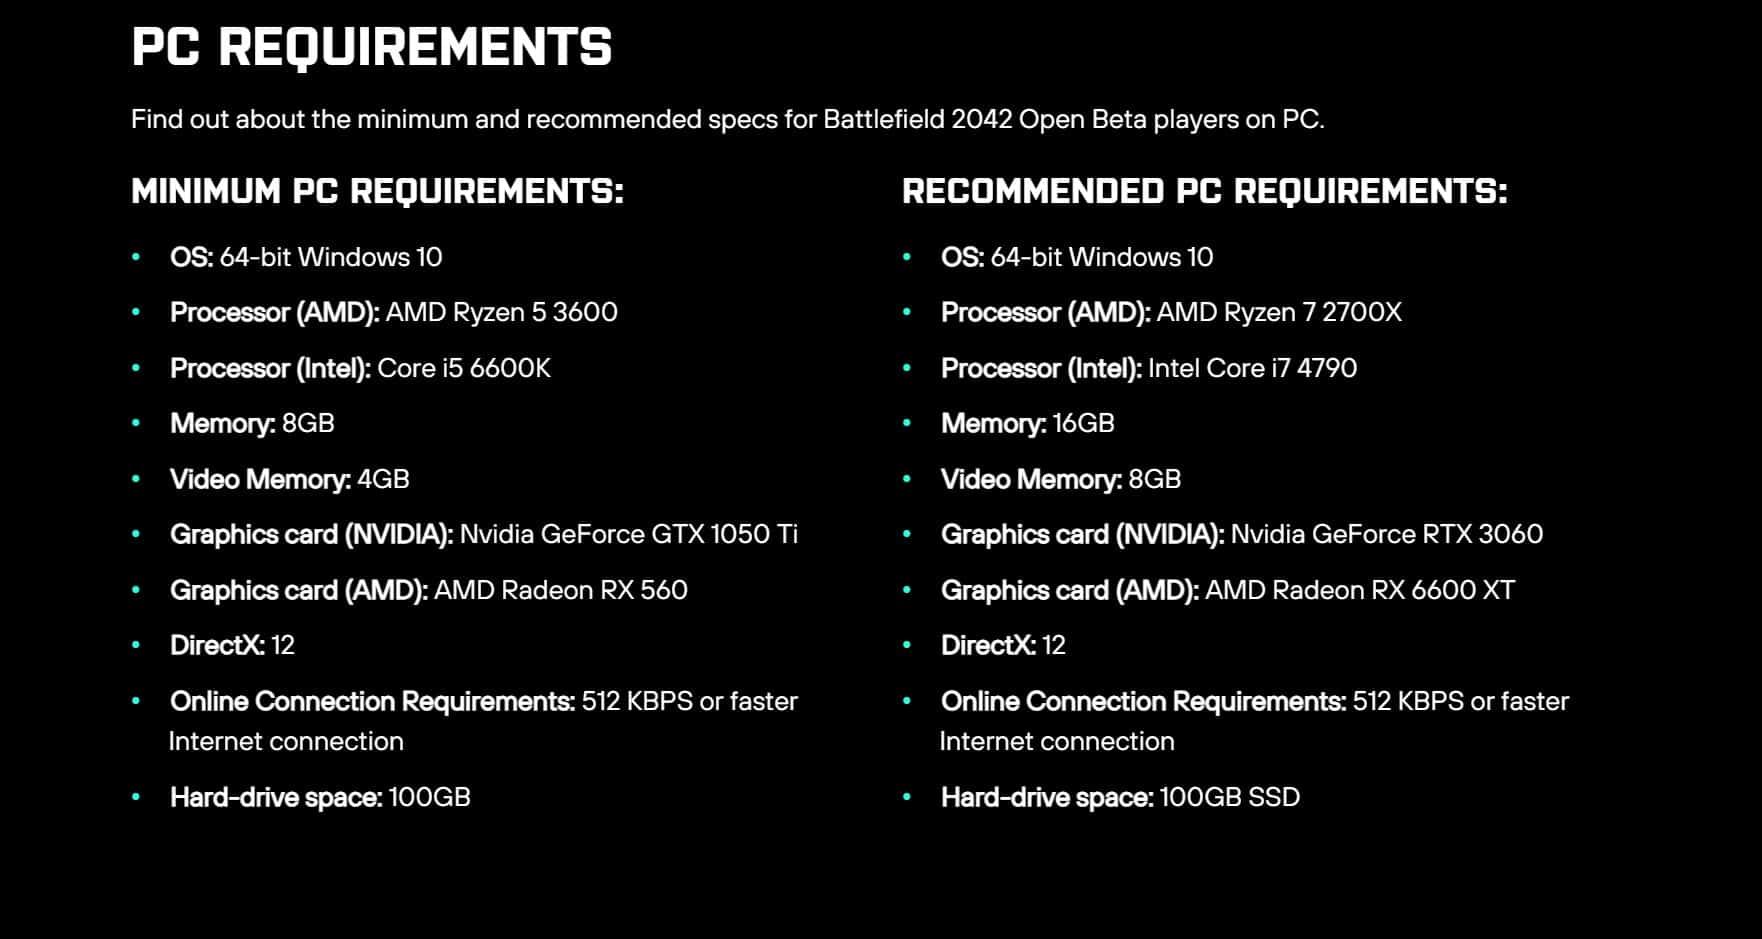 requisitos de la beta de Battlefield 2042